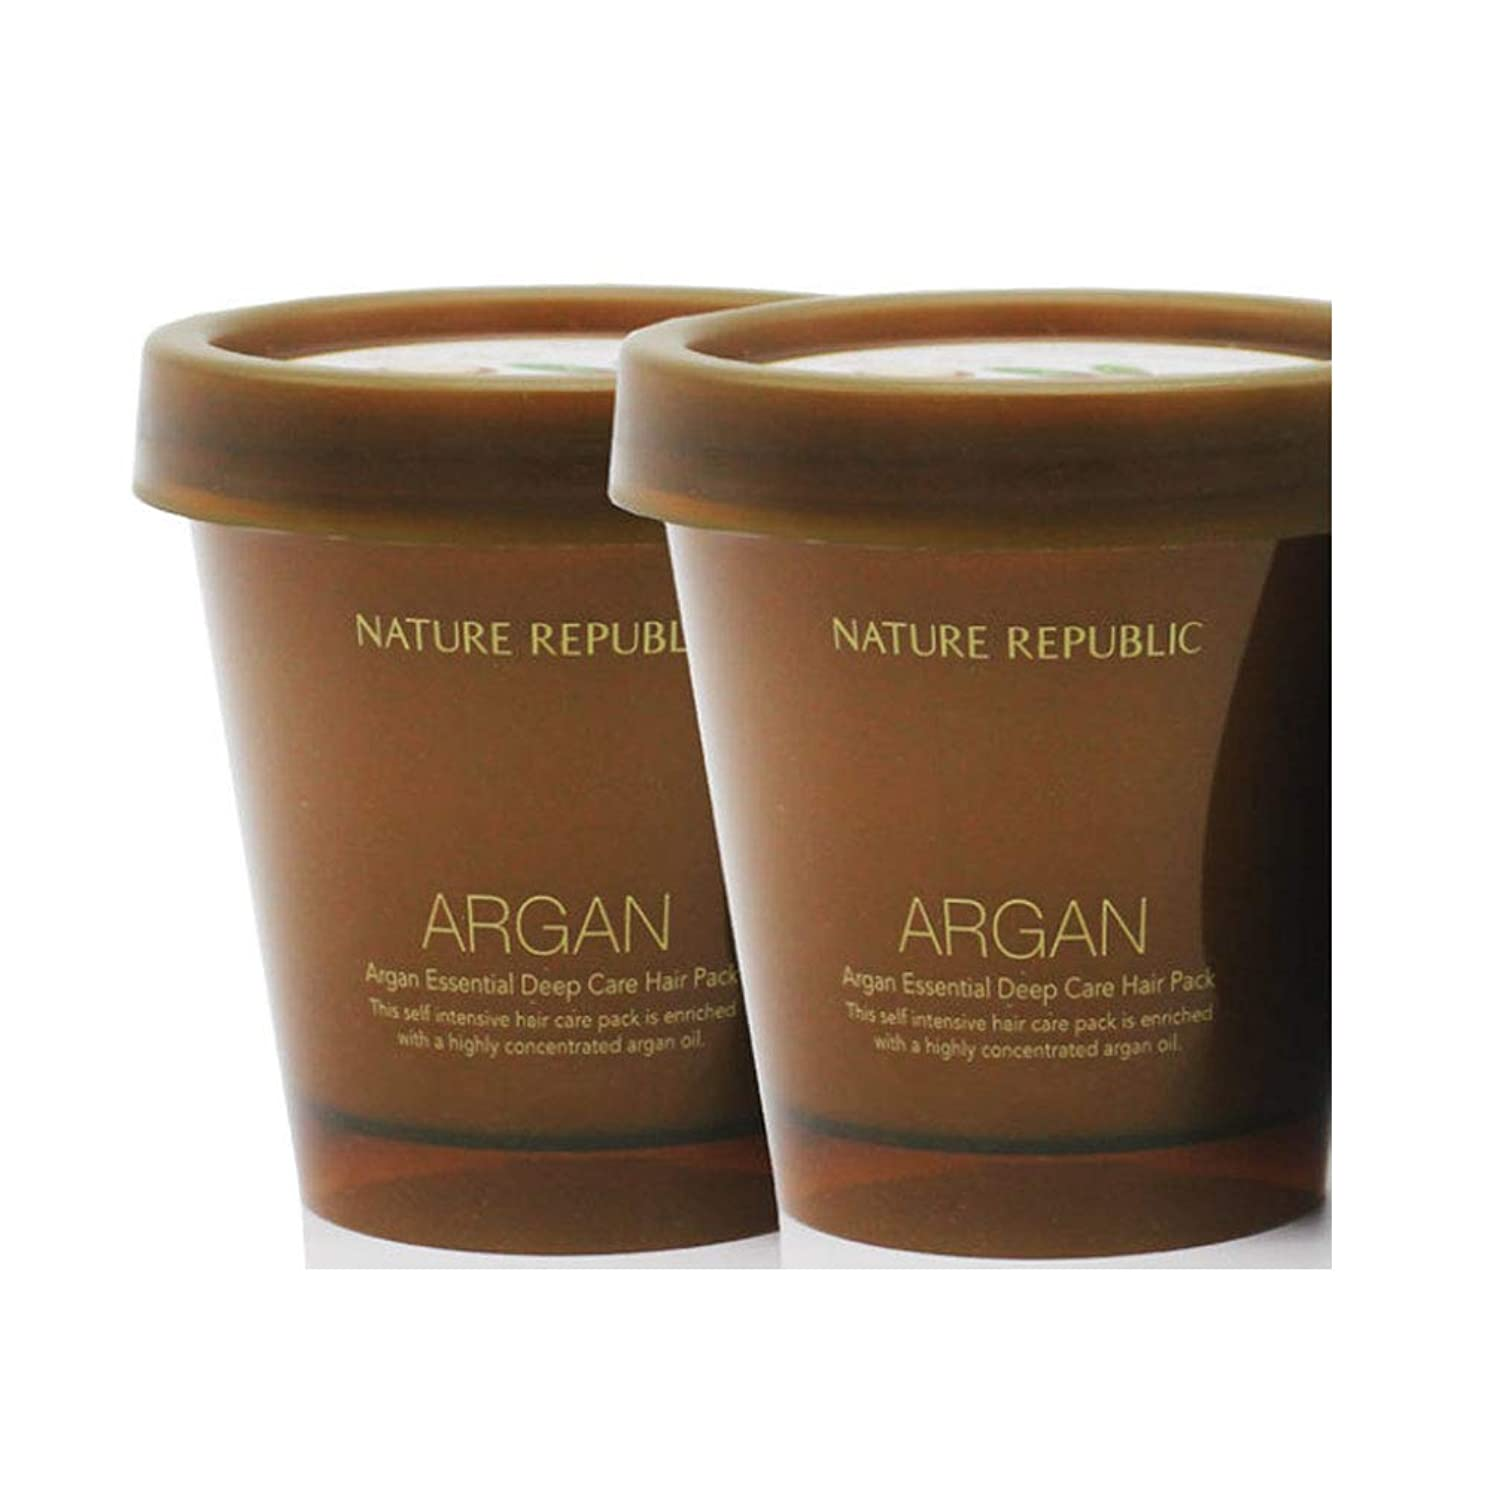 しっとりアンビエント不正ネイチャーリパブリック (NATURE REPUBLIC)アルガンエッセンシャル?ディープケアヘアパック 200mlx 2本セット NATURE REPUBLIC Argan Essential Deep Care Hair Pack 200mlx 2ea Set [並行輸入品]